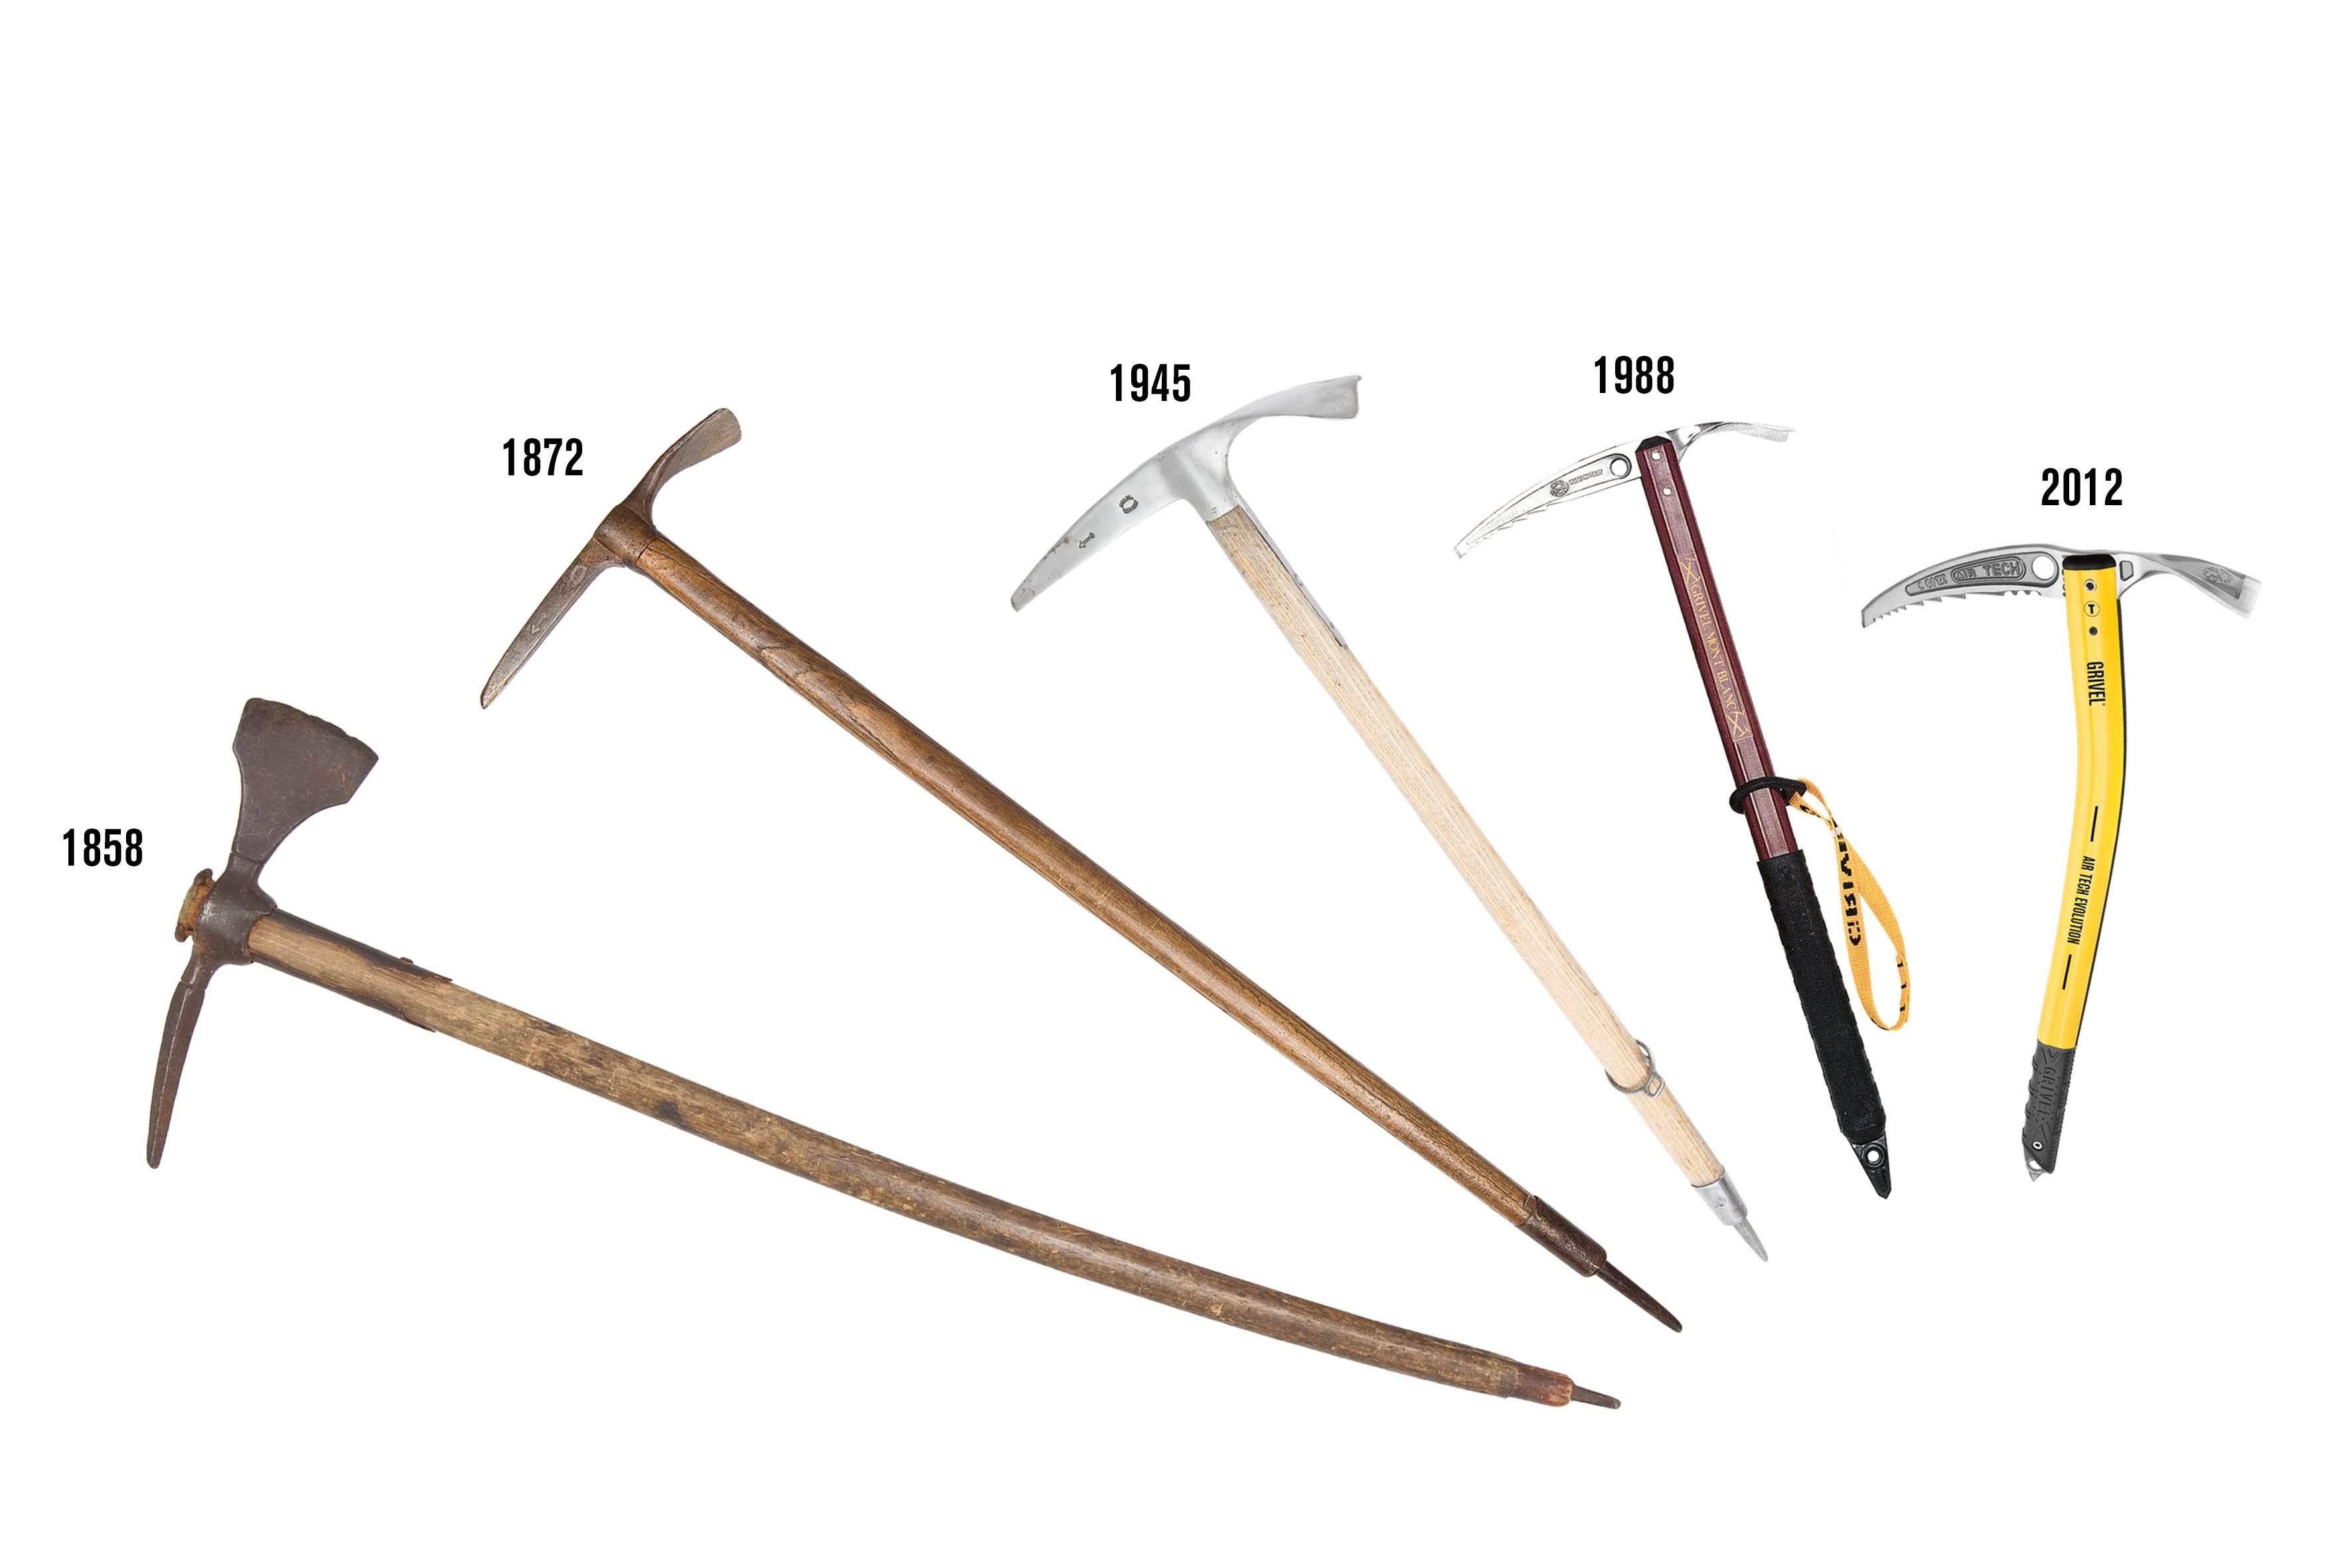 evoluzione delle piccozze Grivel